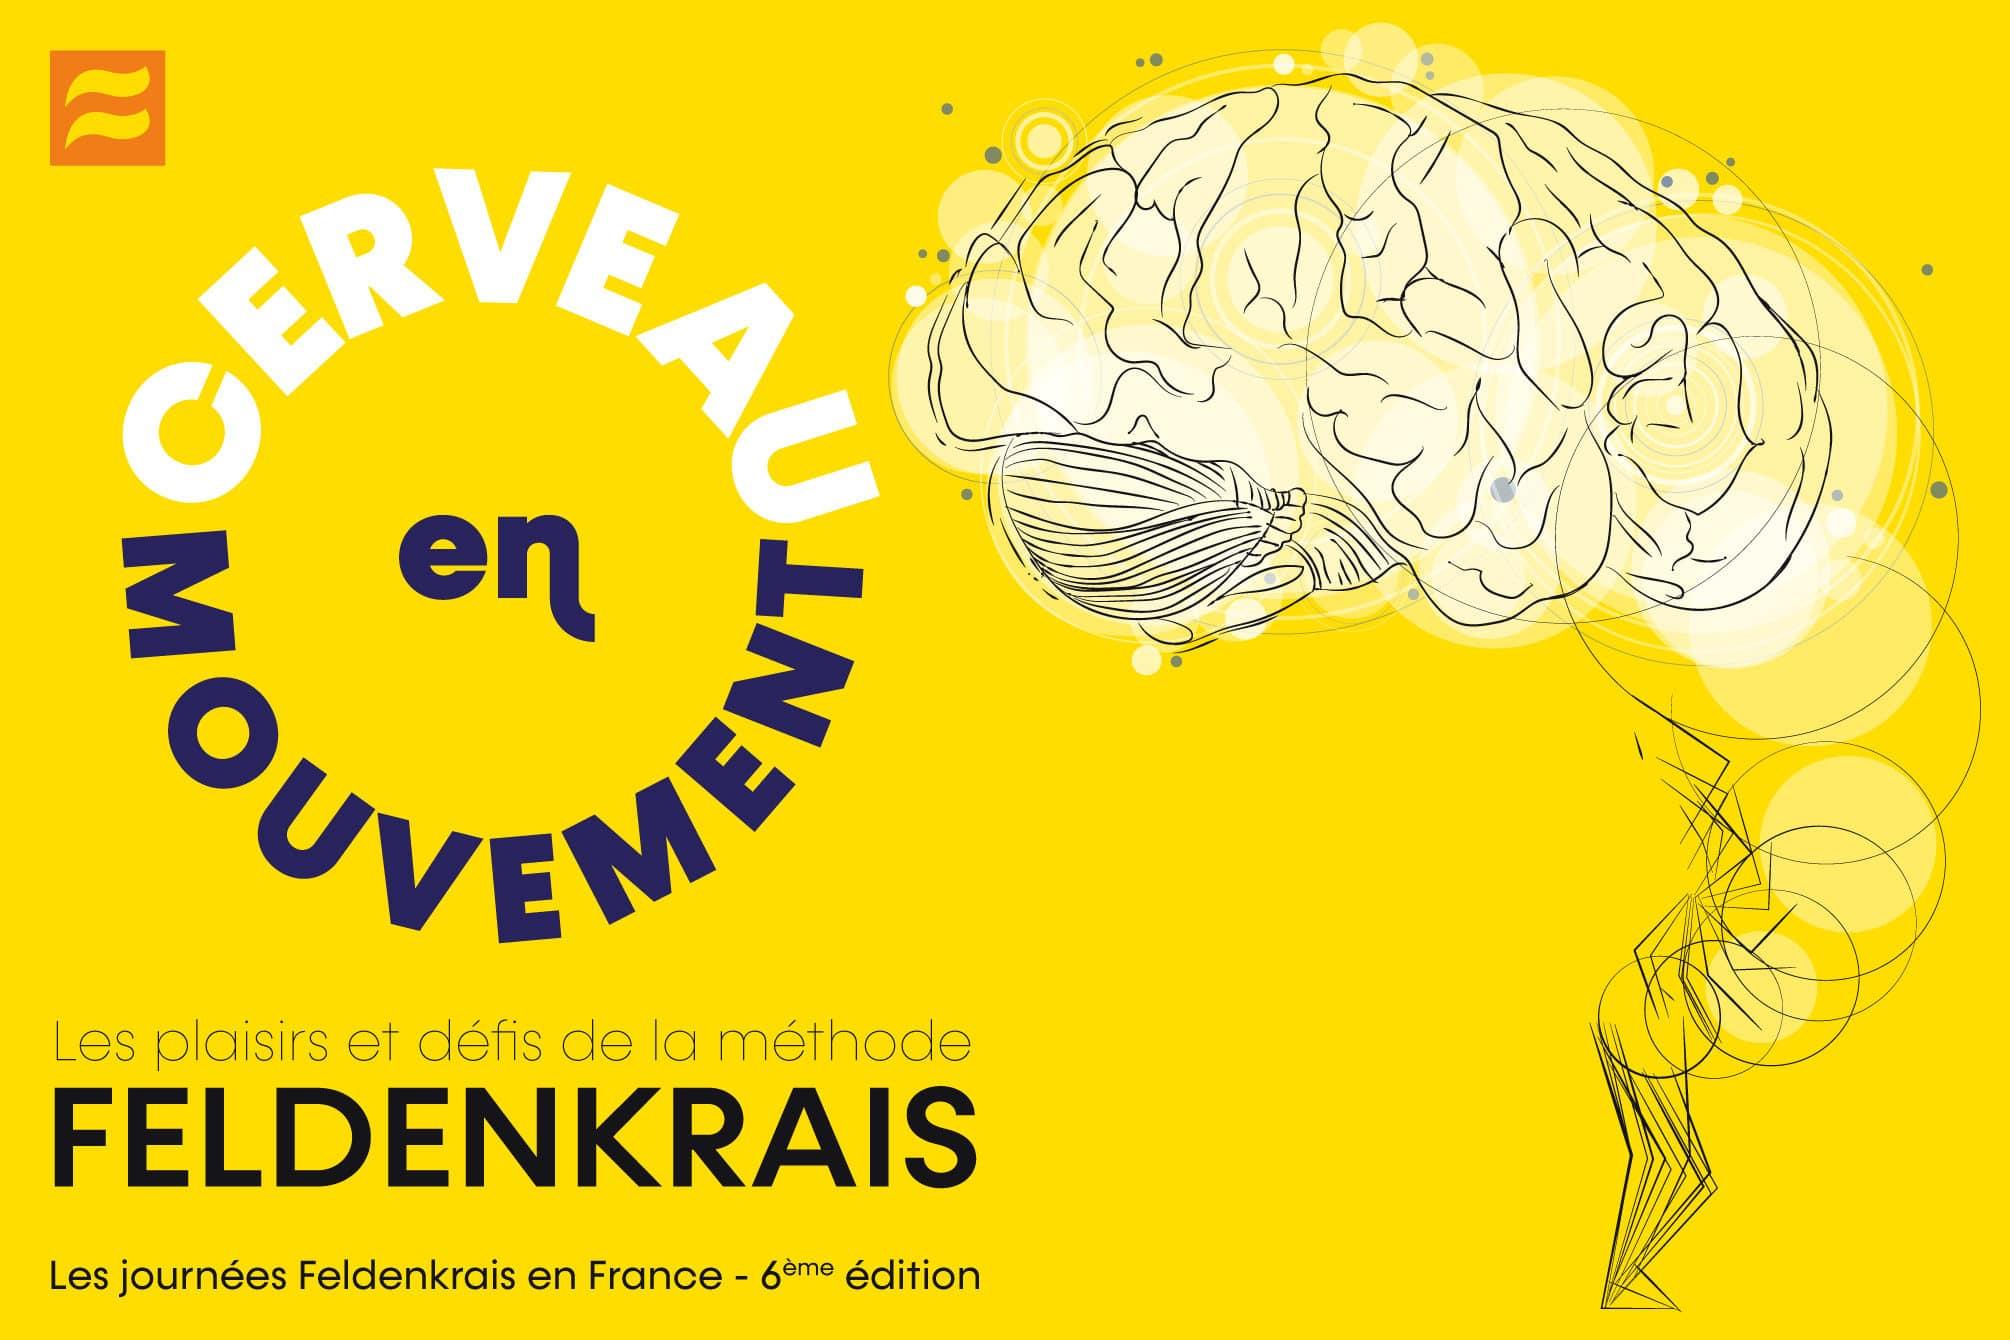 Les journées Feldenkrais en France du 20 au 27 mars 2020